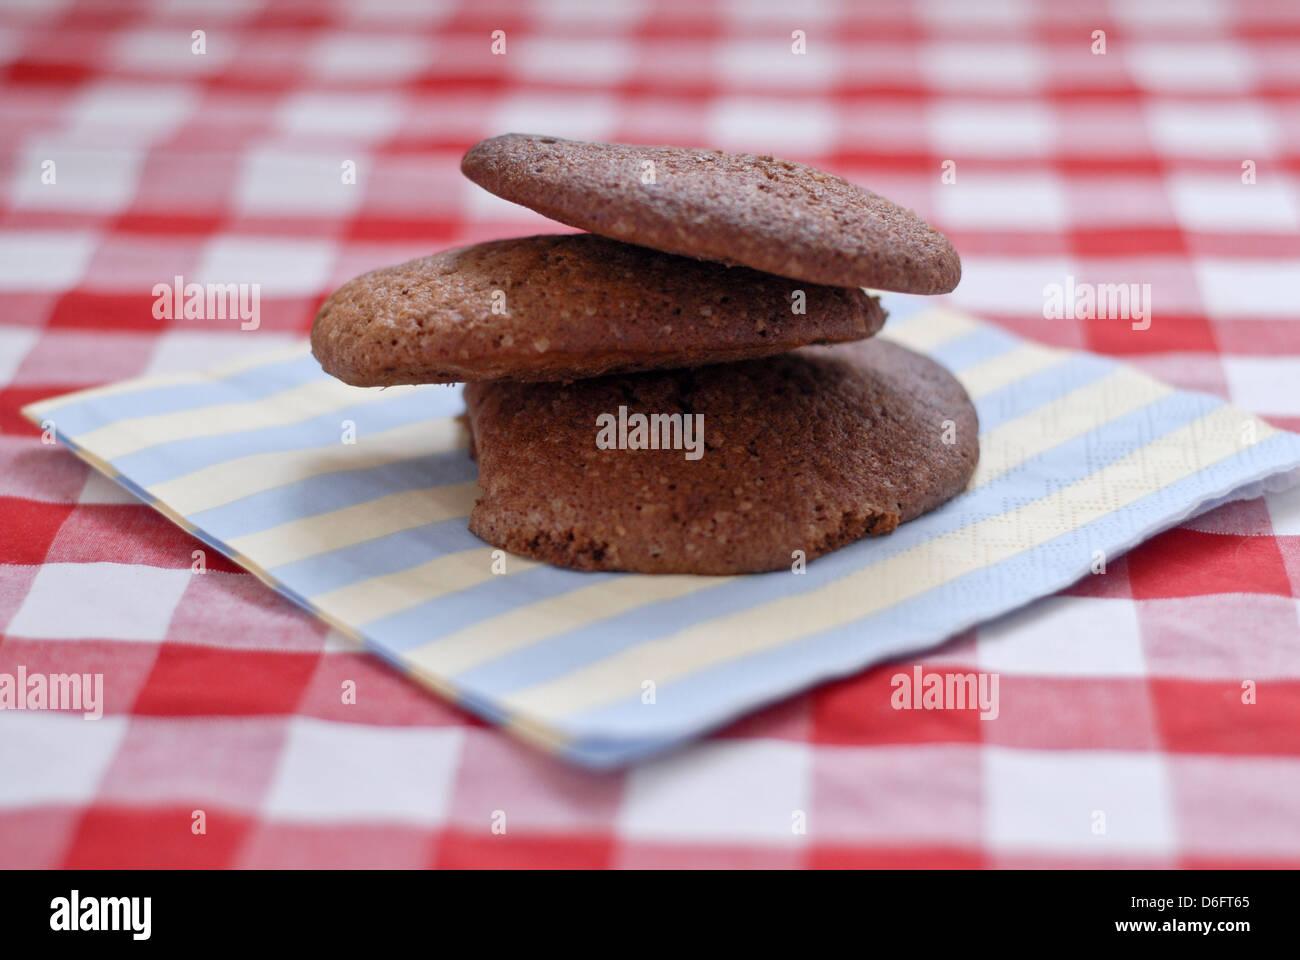 Schokoladen-Plätzchen auf einer aufgegebenen Tischdecke Stockbild